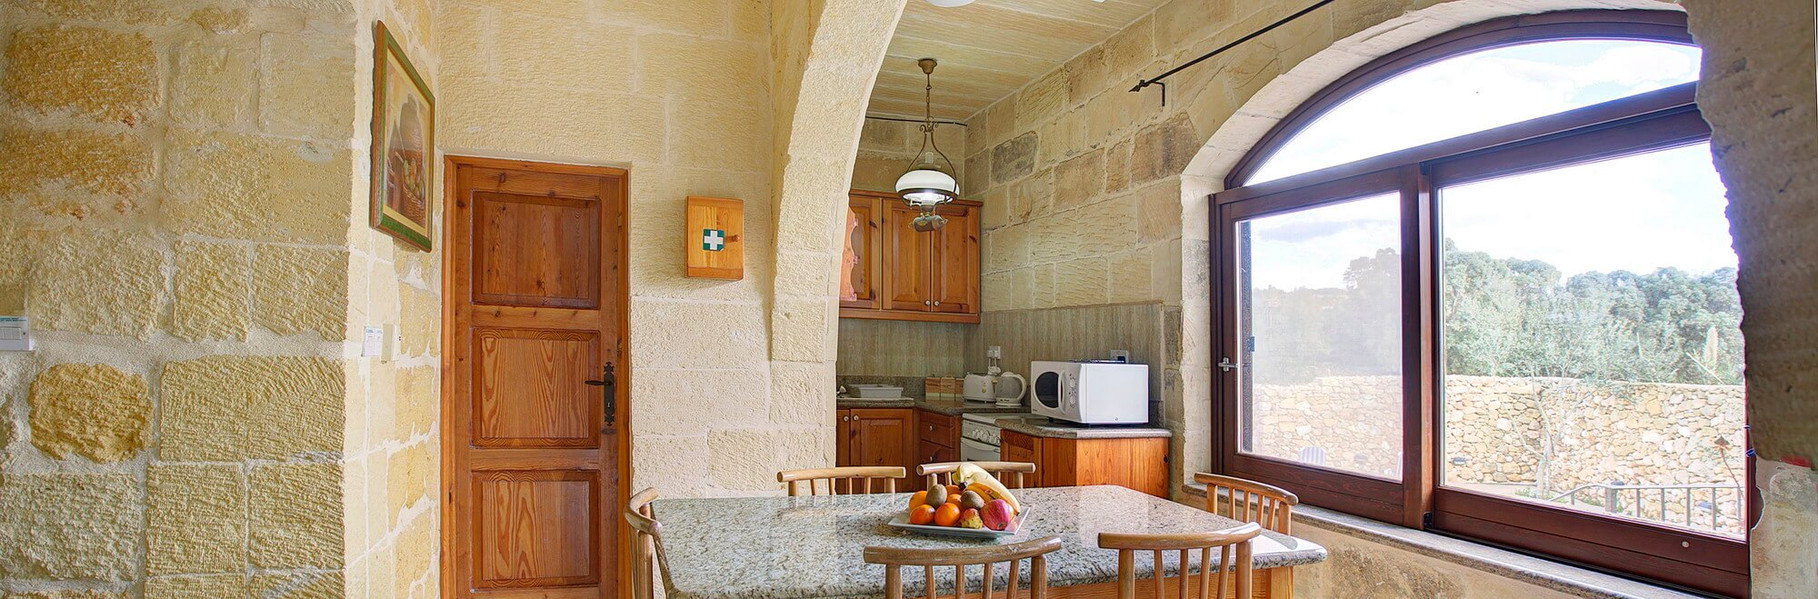 kitchen-villa-3-gozo.jpg